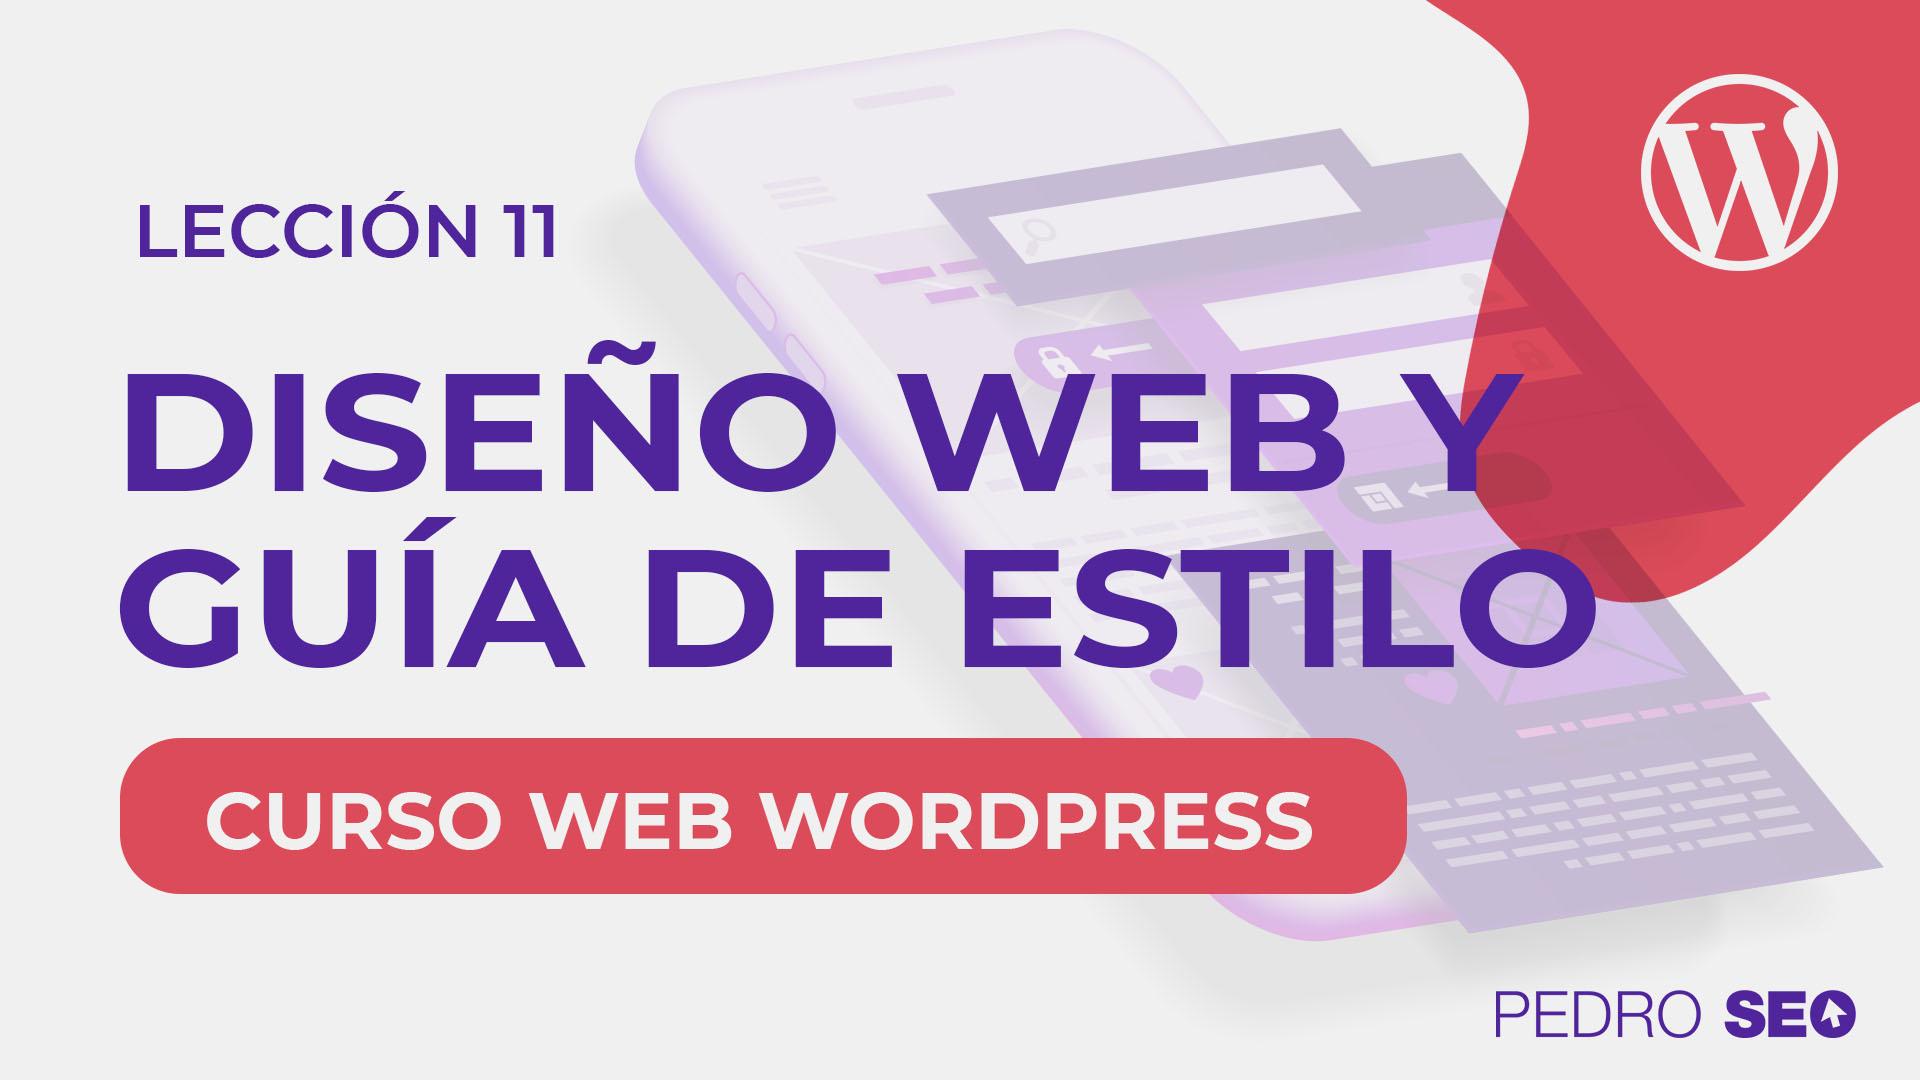 diseño web guia y estilo